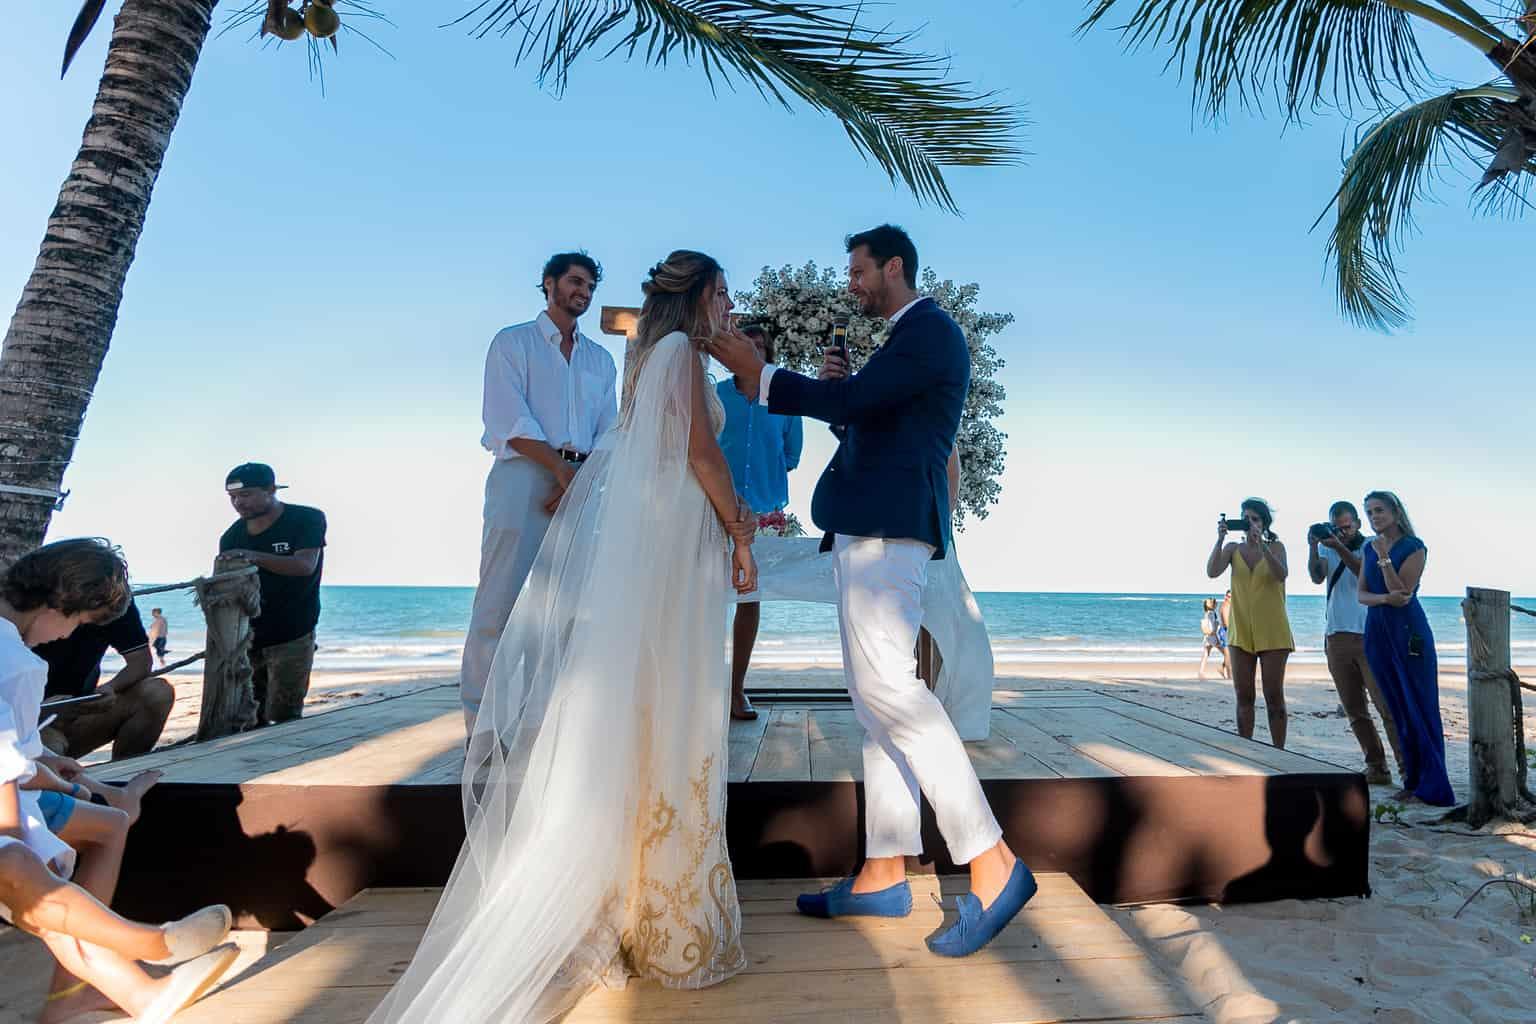 Casamento-Victoria-e-Christian-Fotografia-Tiago-Saldanha-Cerimônia384_MG_2564